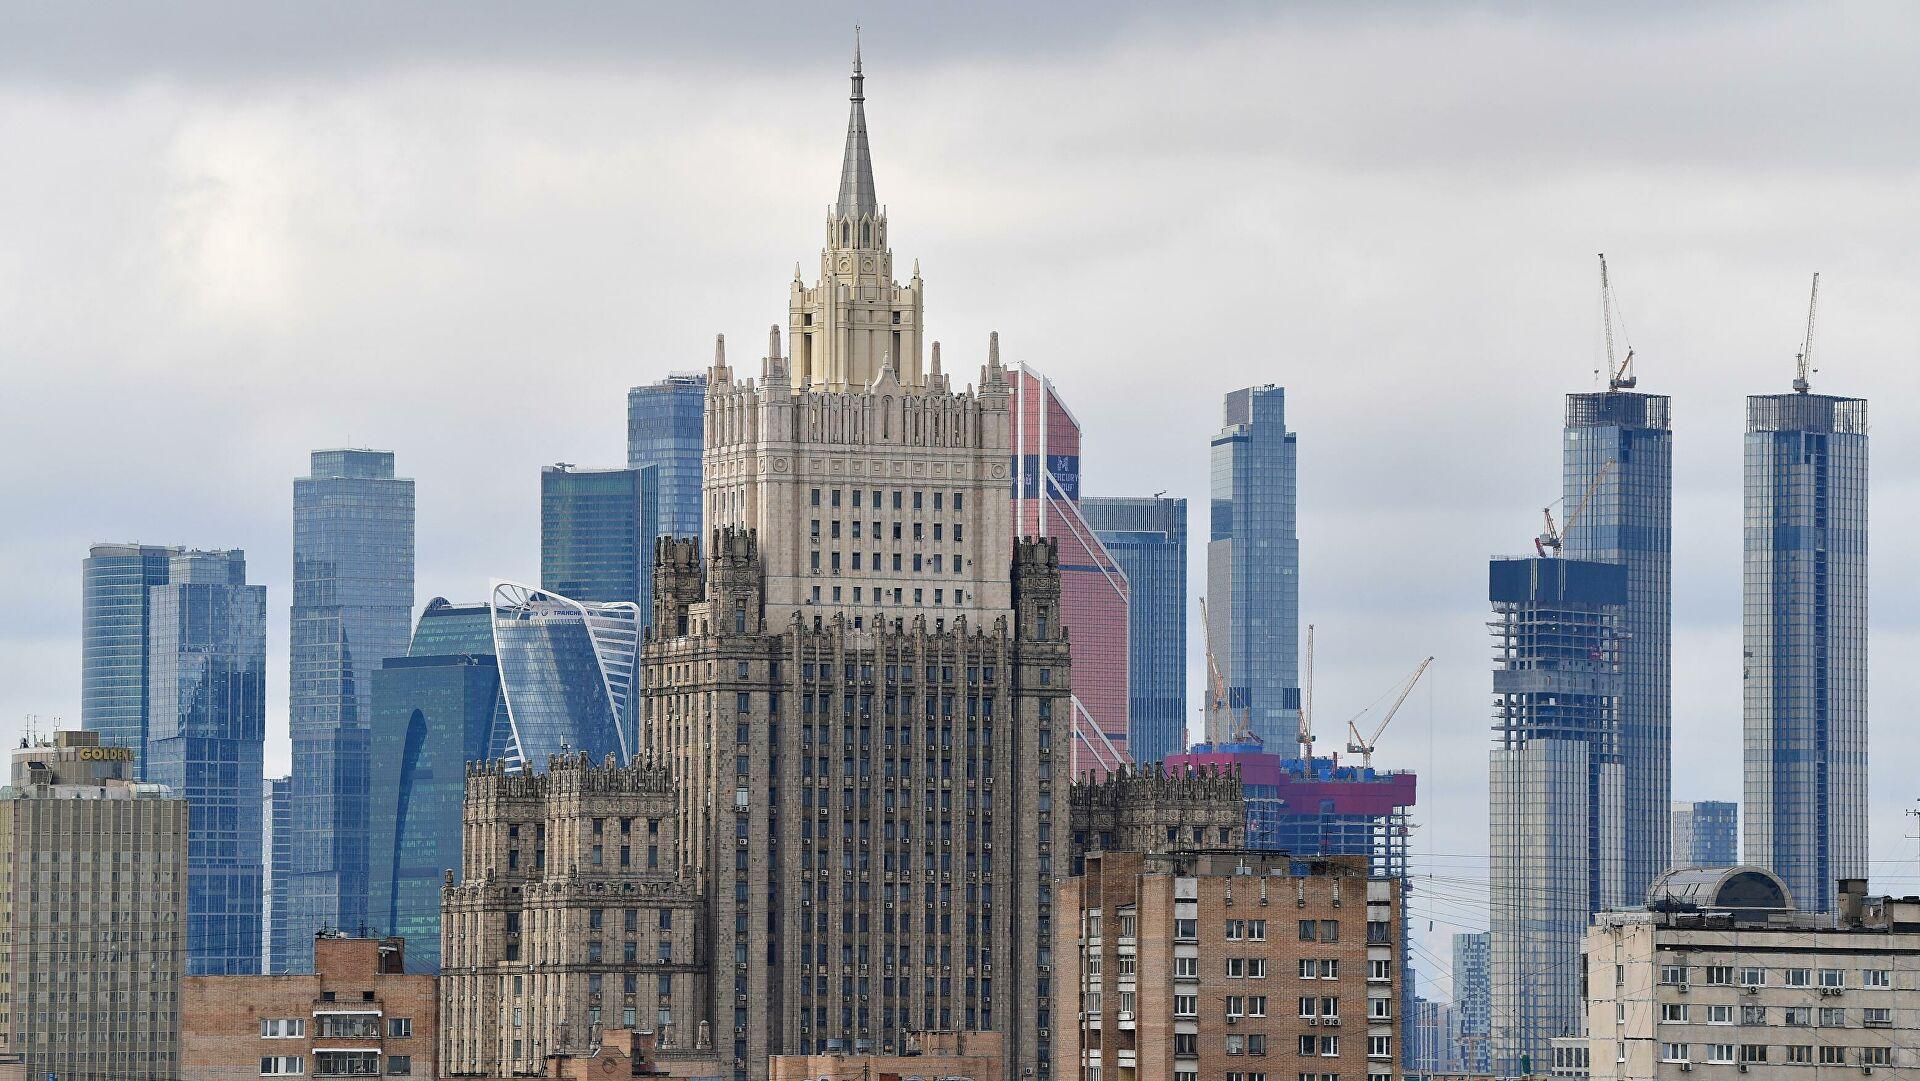 Москва: Непријатељски кораци аустралијских владајућих кругова неће остати без адекватног одговора